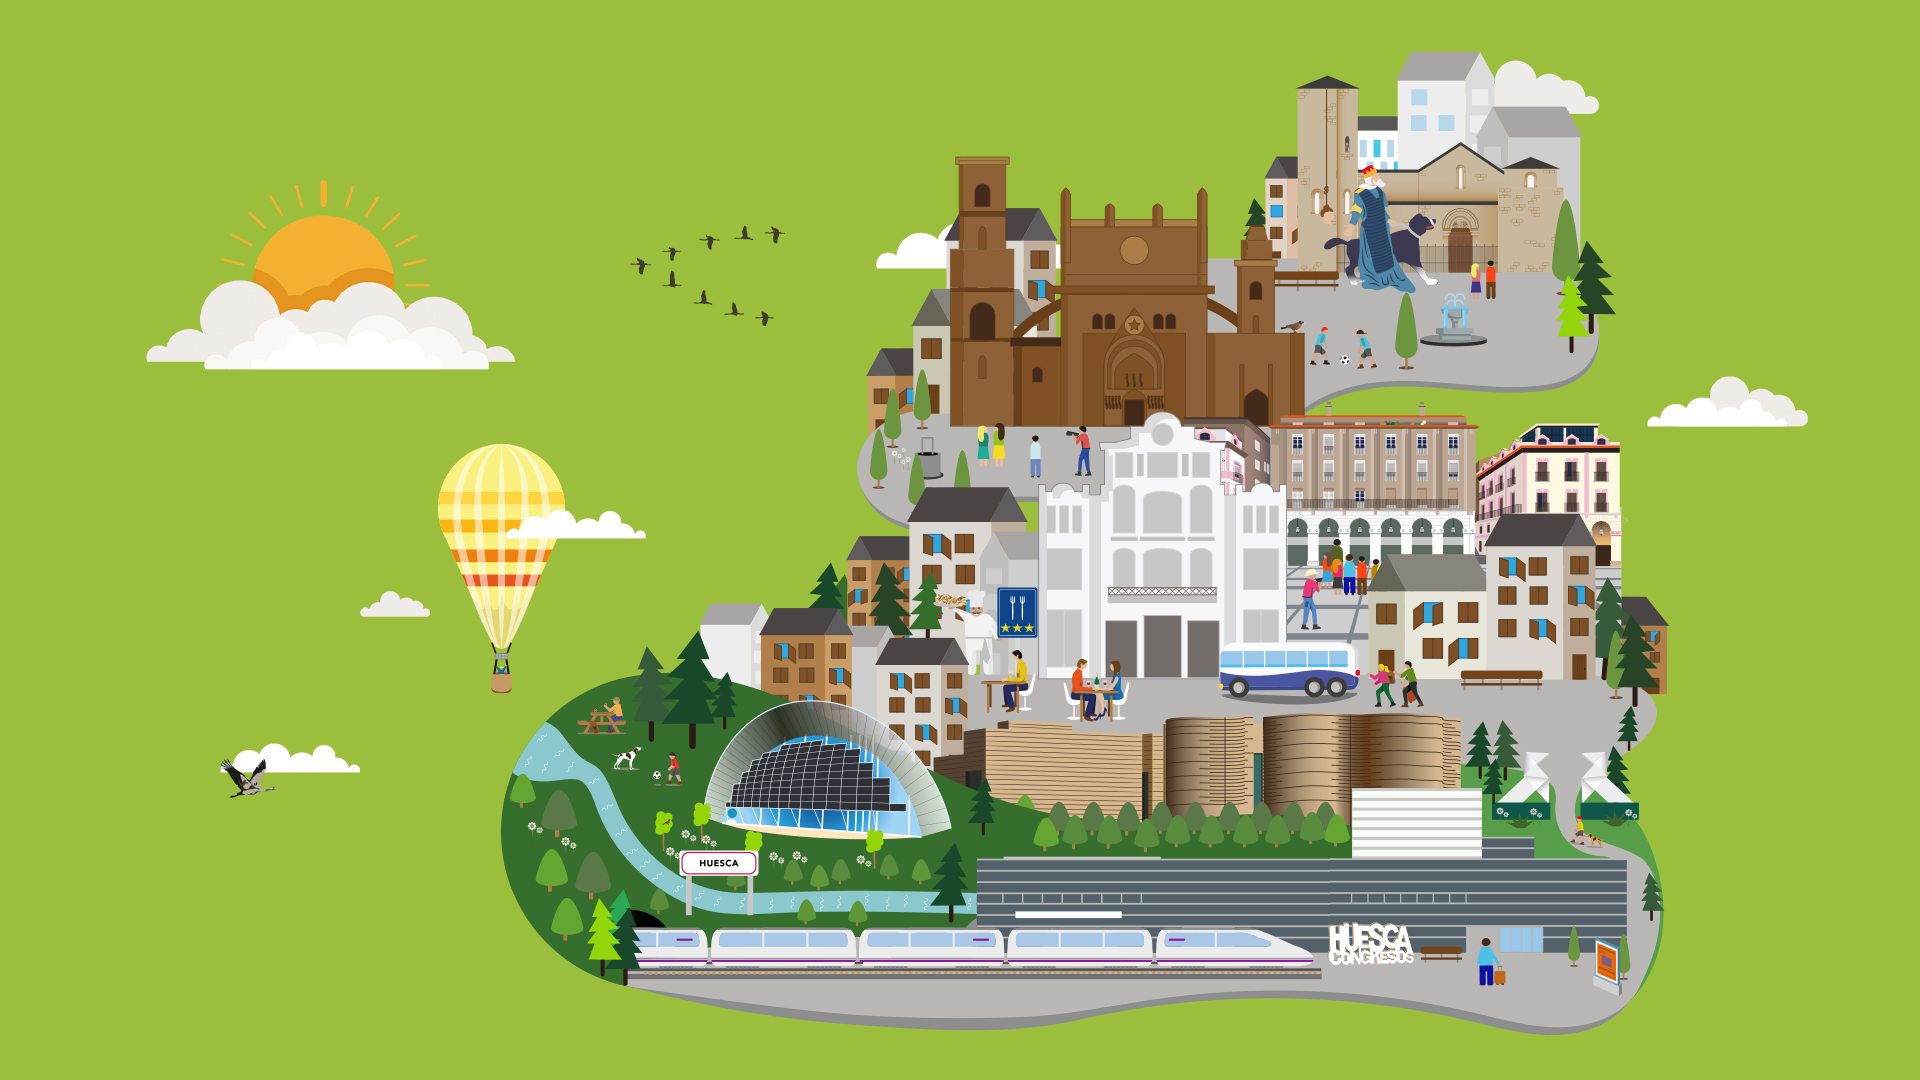 Bonos Turísticos para disfrutar de una Escapada a Huesca capital 👏